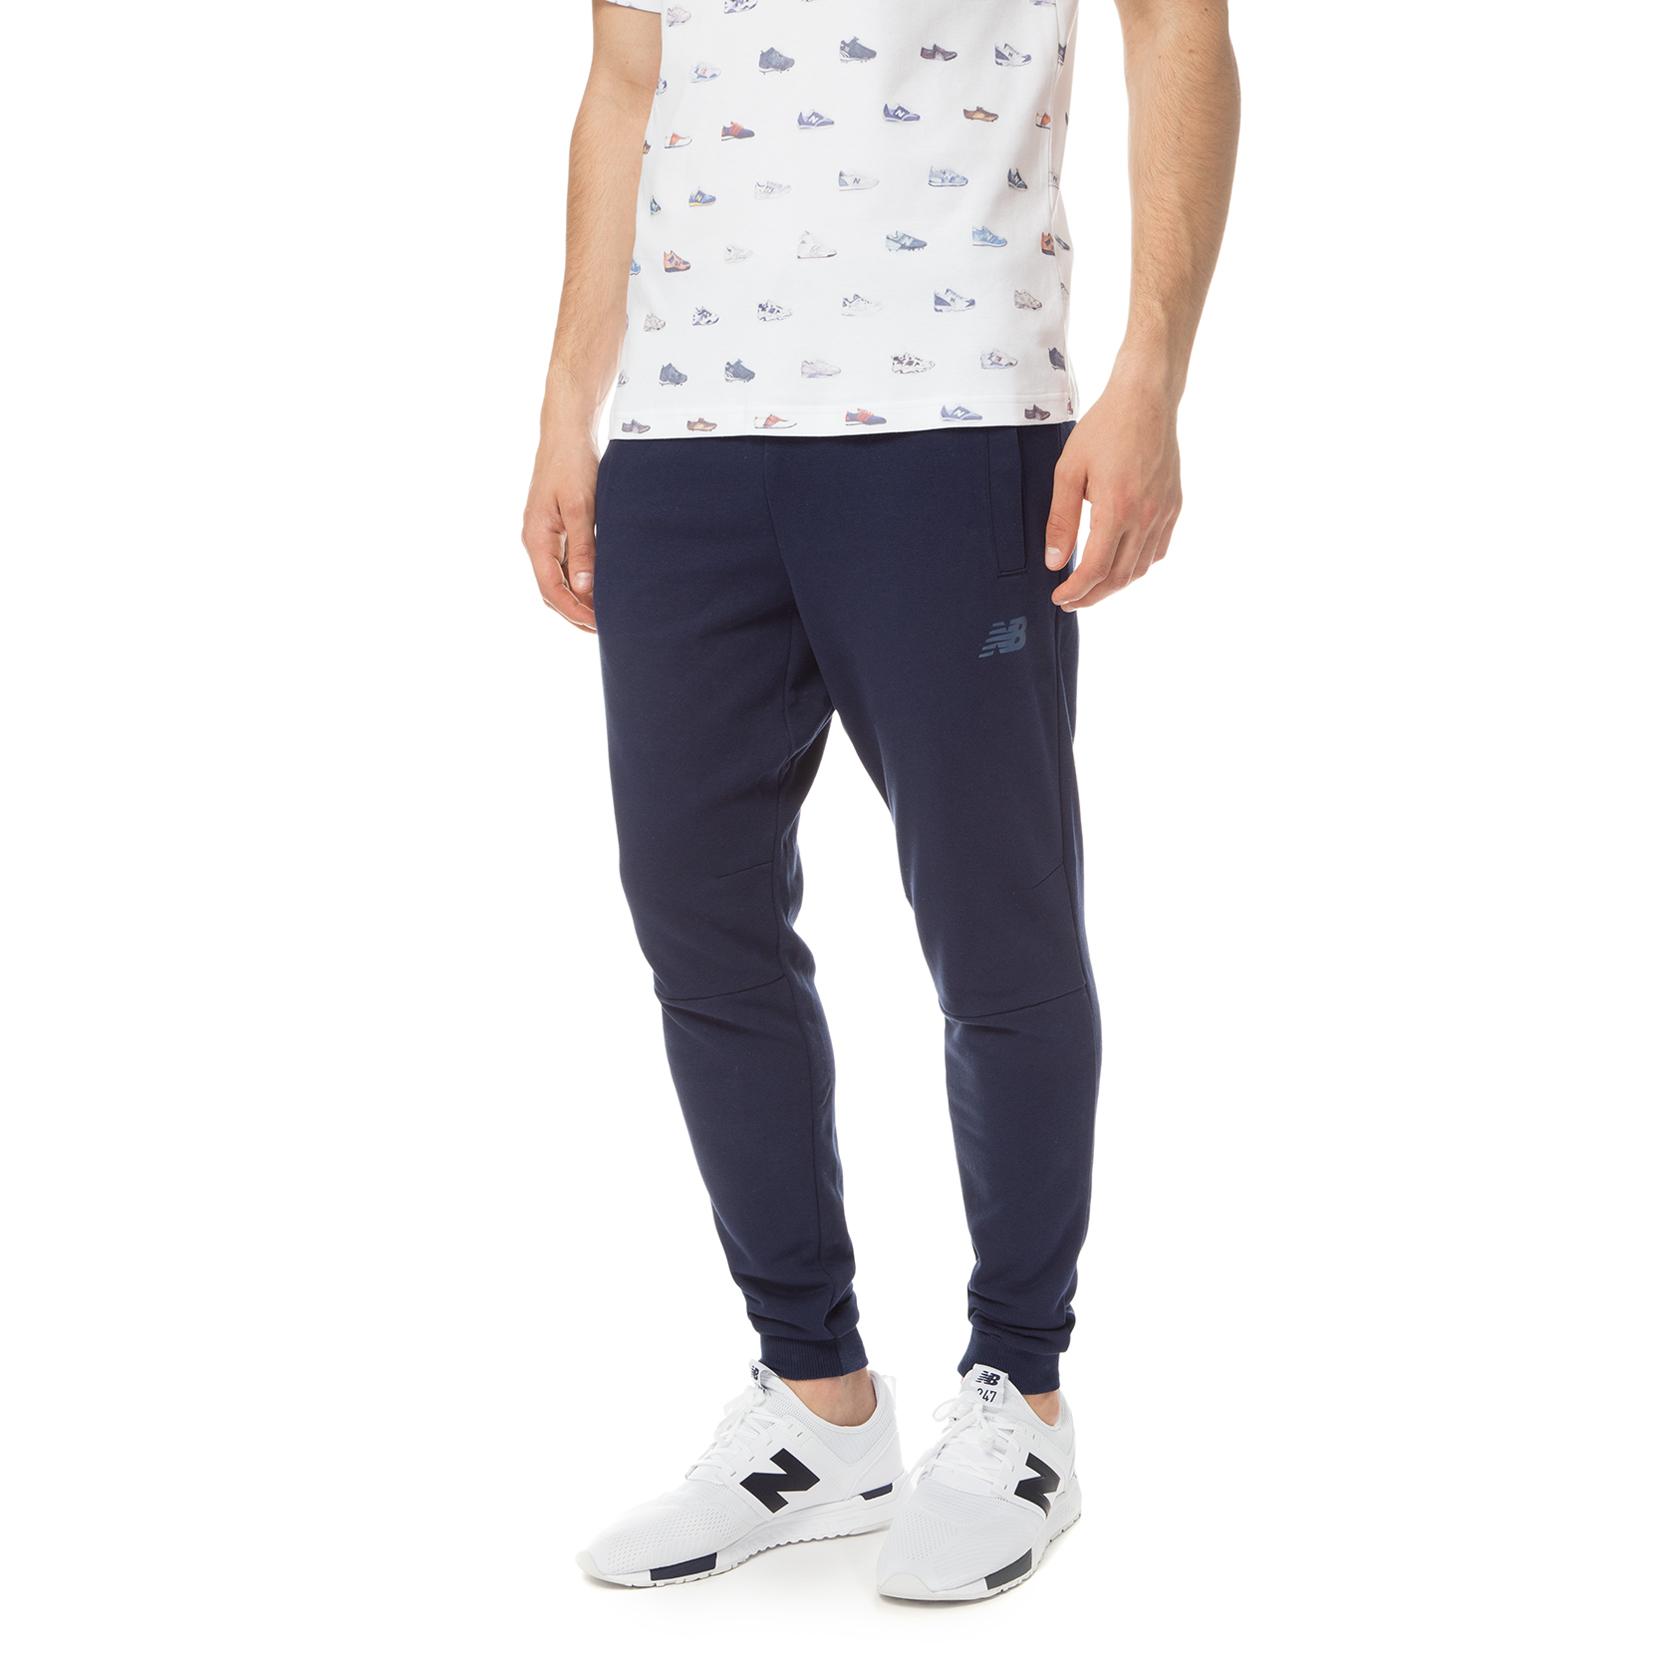 Спортивні брюки NB Athletics Knit для чоловіків MP73543PGM  331b6942d164e